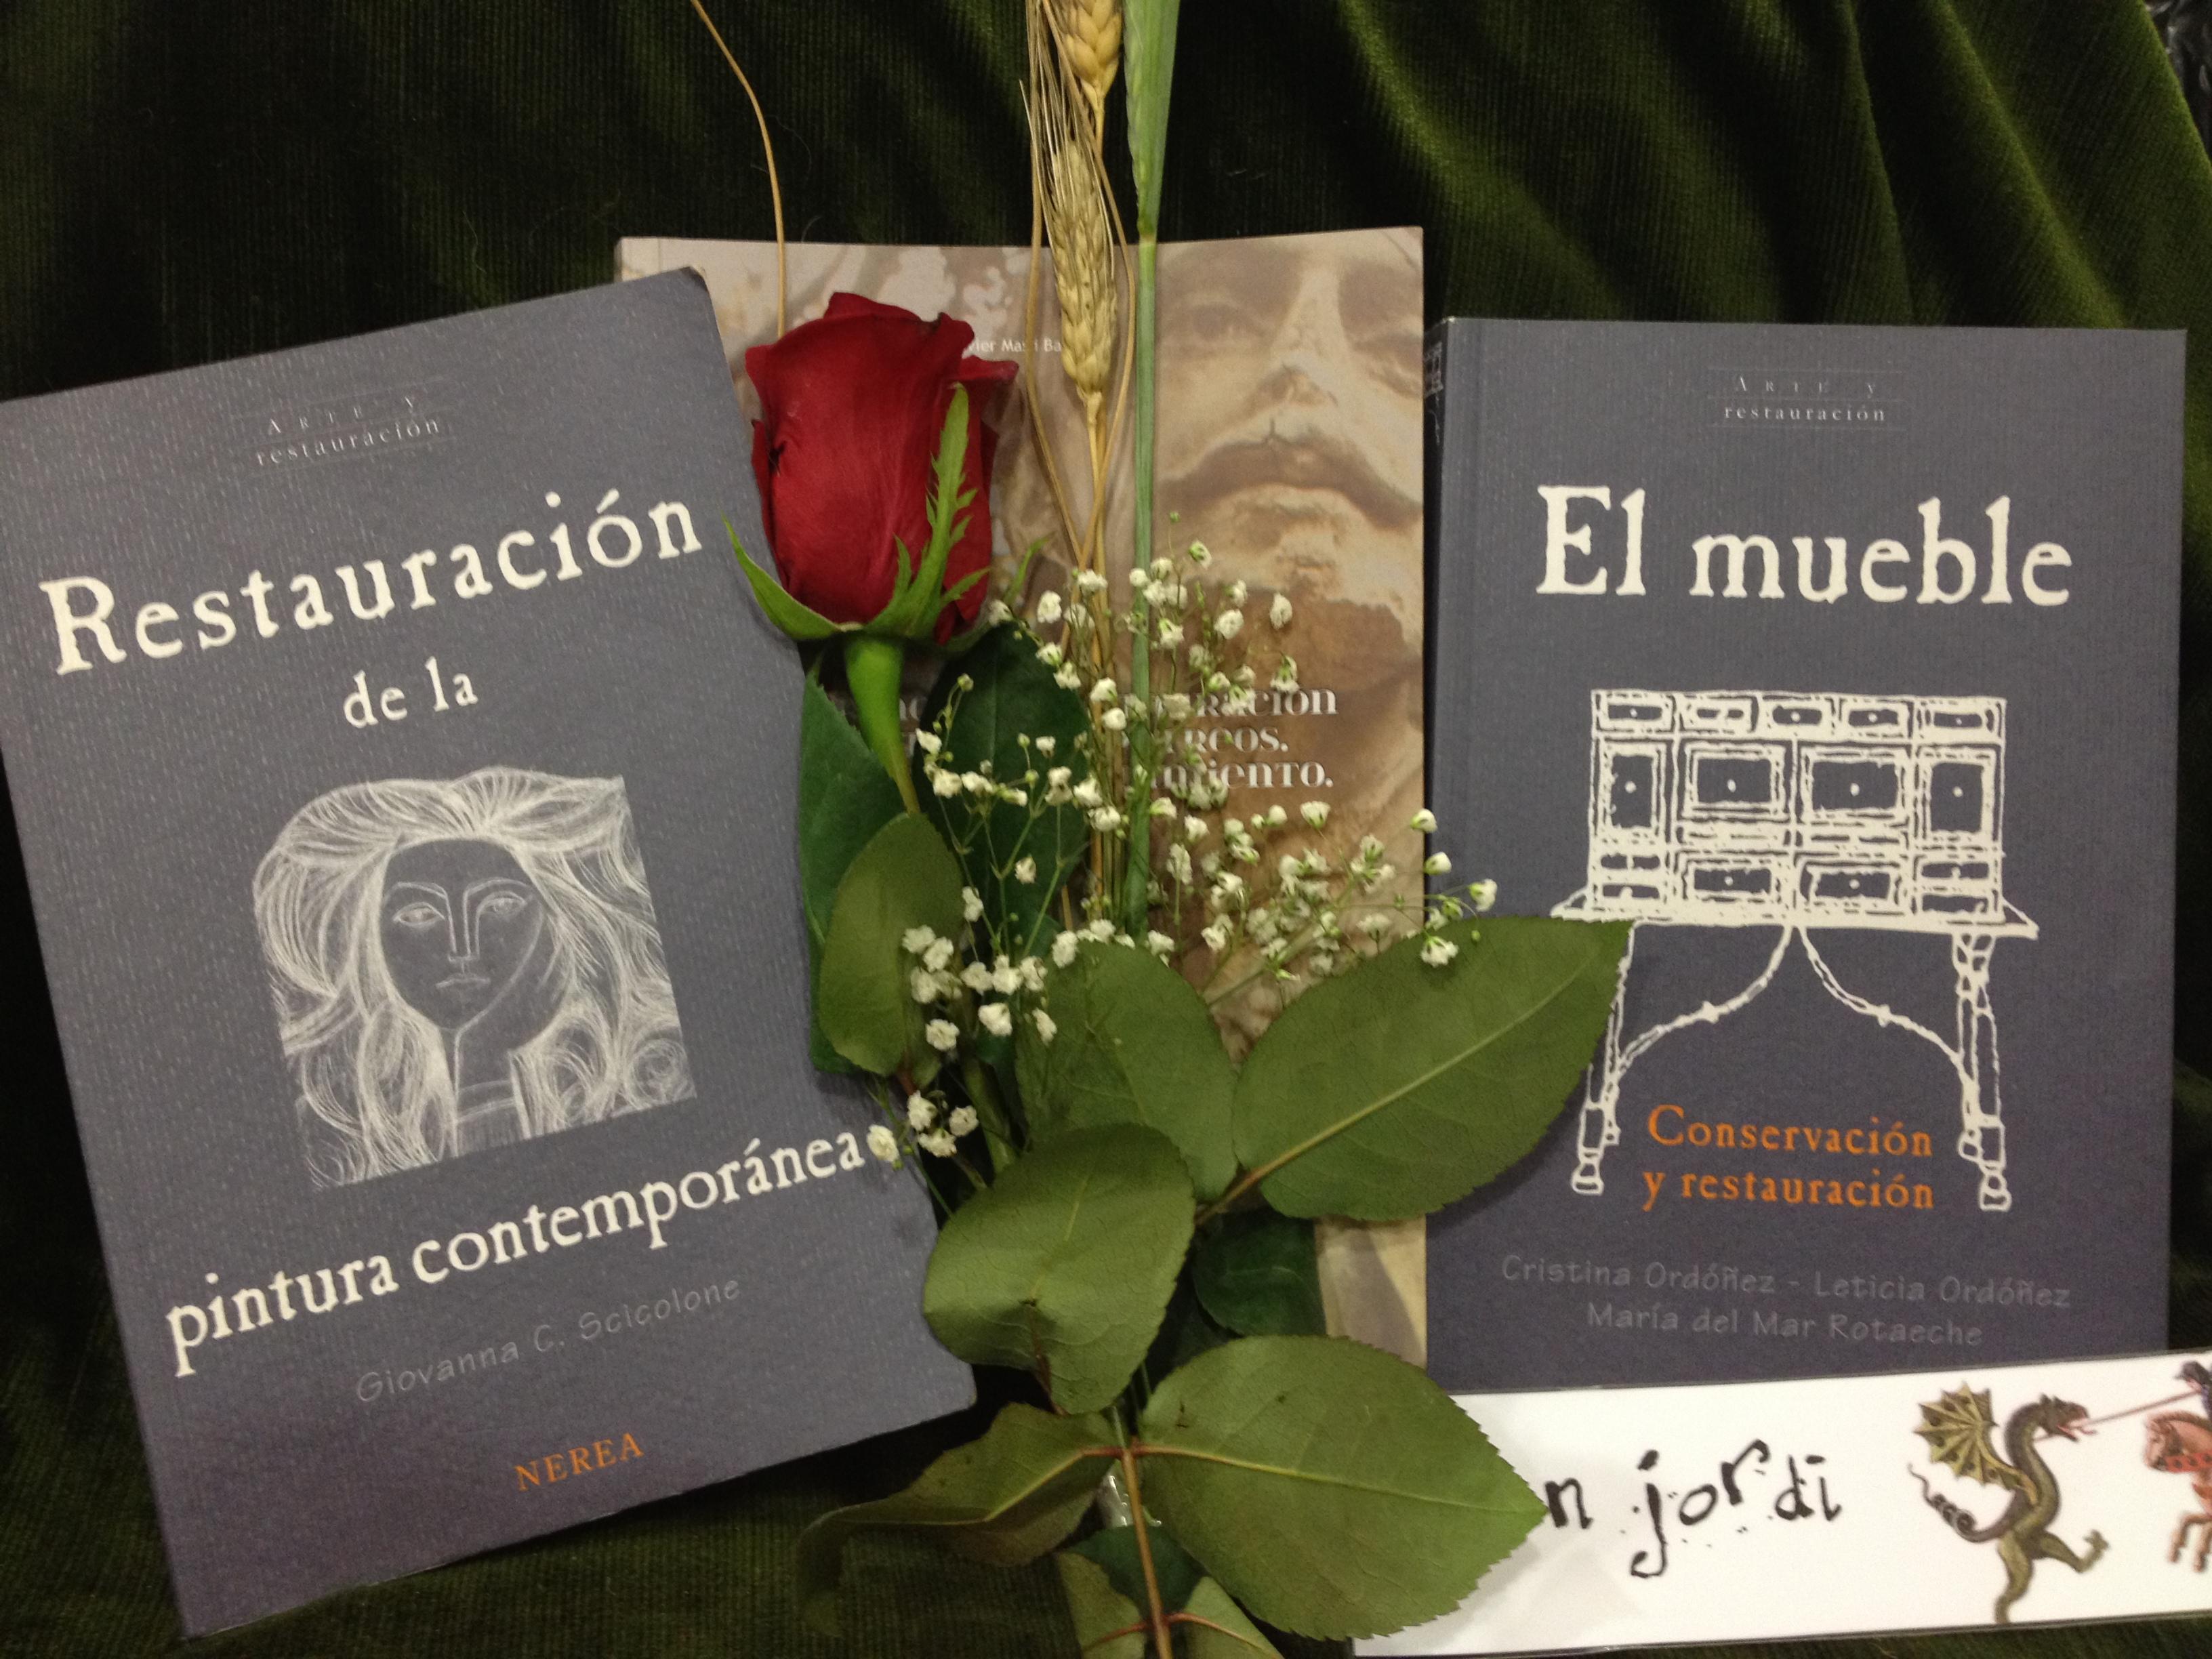 Si todavía estáis indecisos, desde ECORE os recomendamos una serie de libros de restauración para regalar este dia de Sant Jordi: SCICOLONE, G. Restauración de la Pintura Contemporánea.Donosti-Sant […]